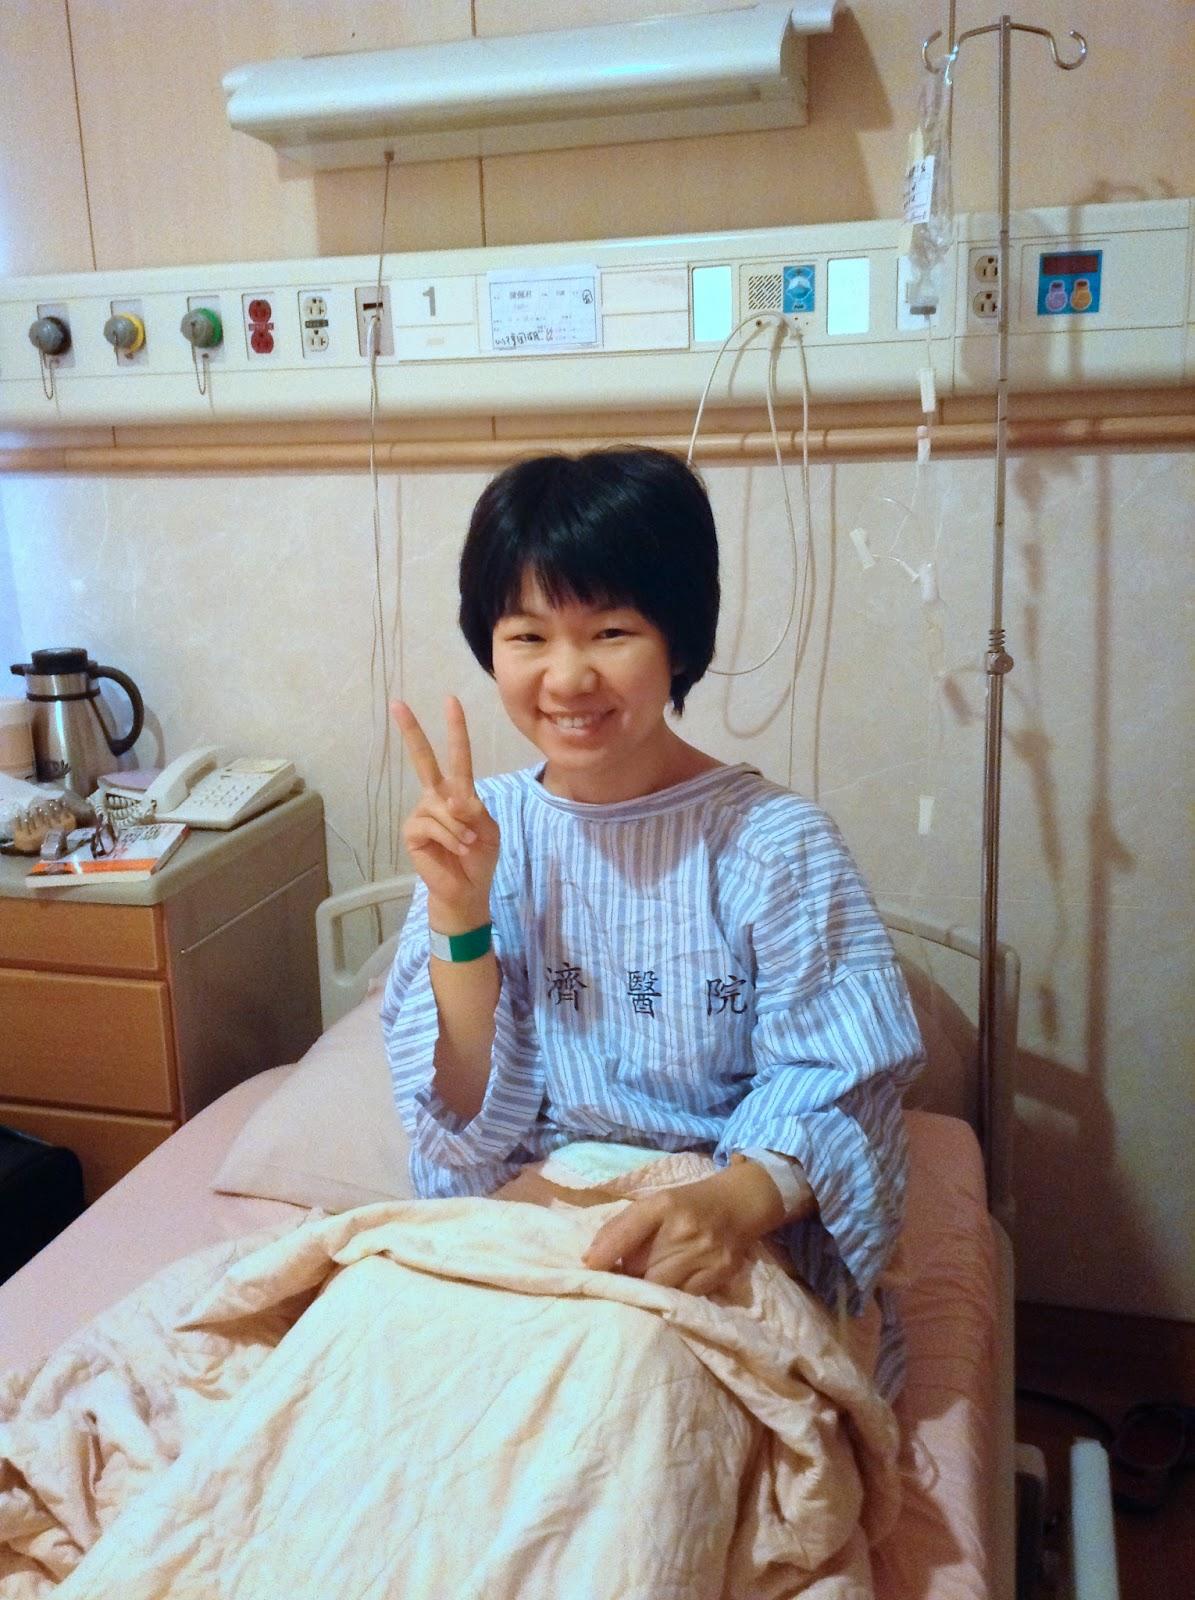 輕飄飄的企鵝: 企鵝的住院日記(腹腔鏡手術) Day2手術當天